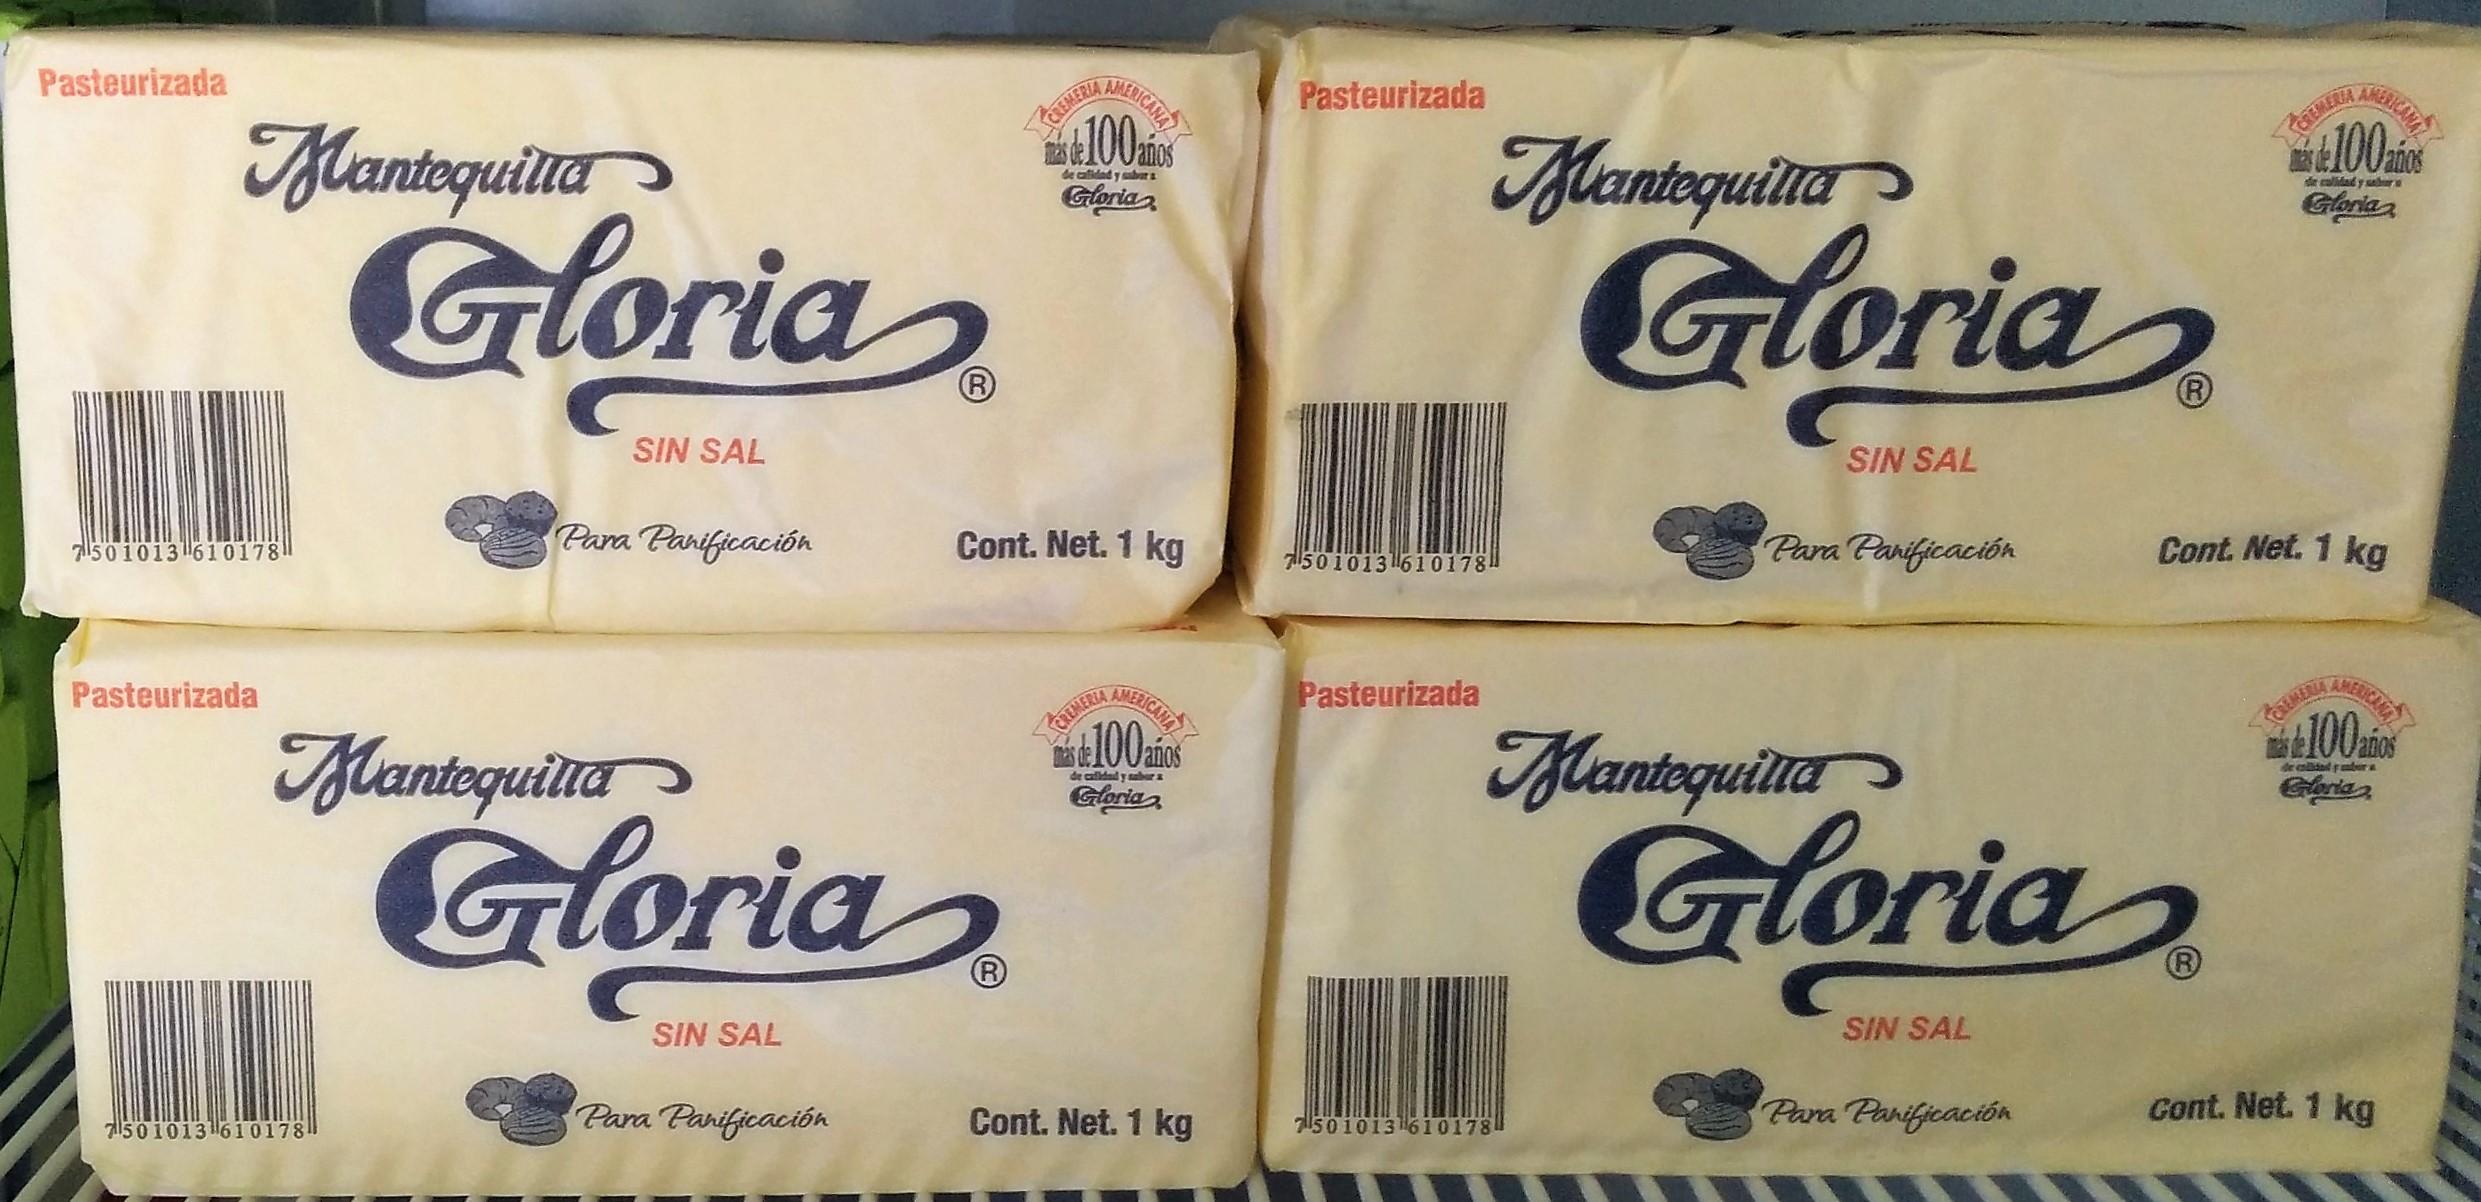 Mantequilla Gloria 1 kg